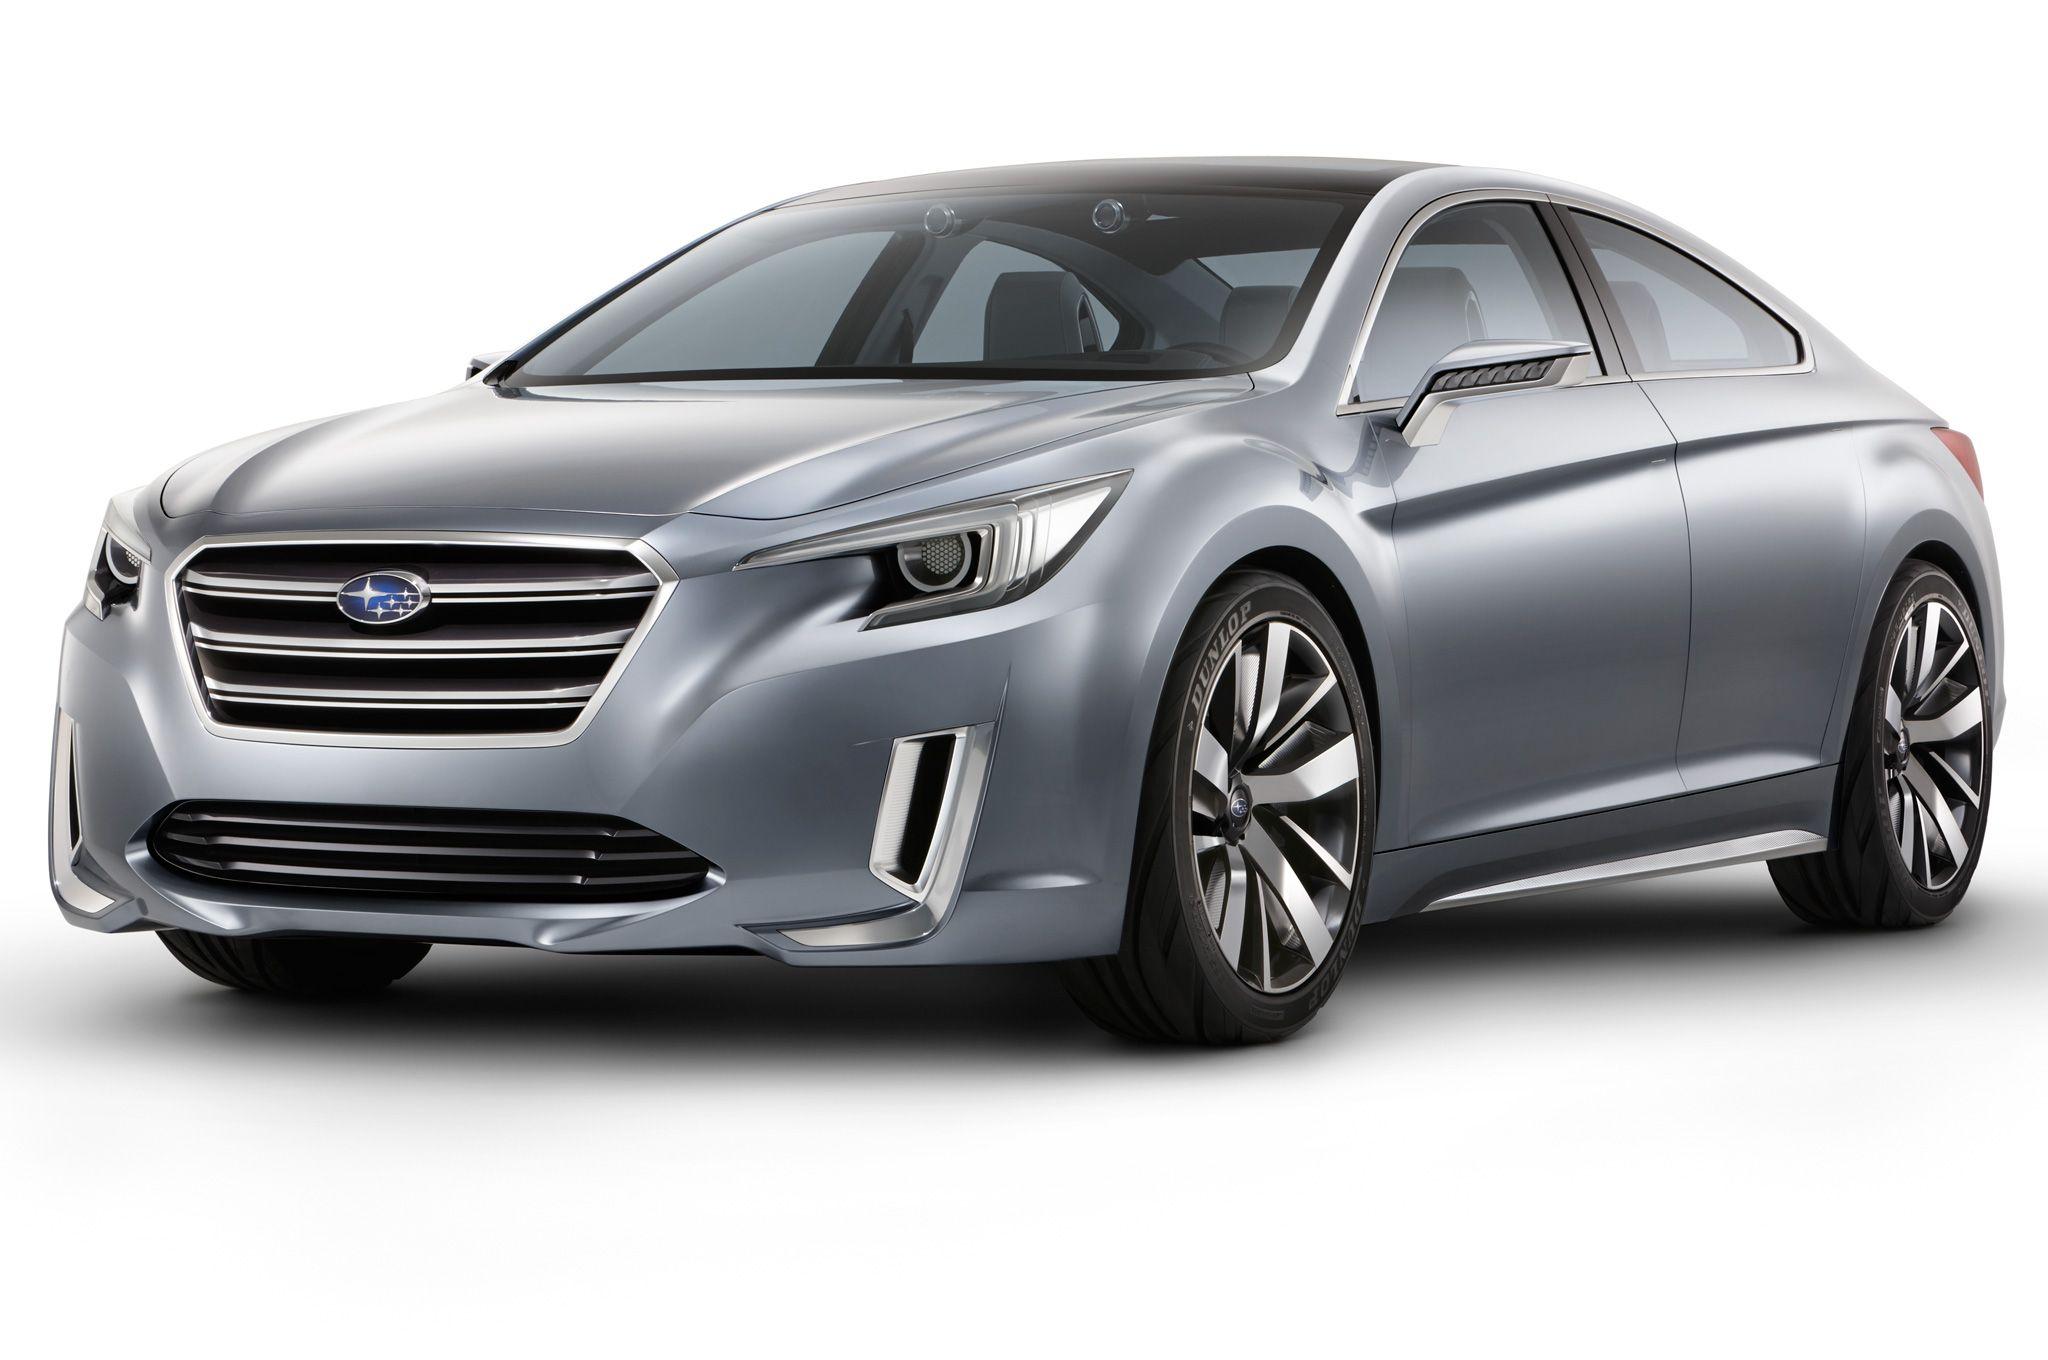 Subaru Dealers In Maine >> 2015 Subaru Legacy Concept To Debut At La Auto Show Subaru